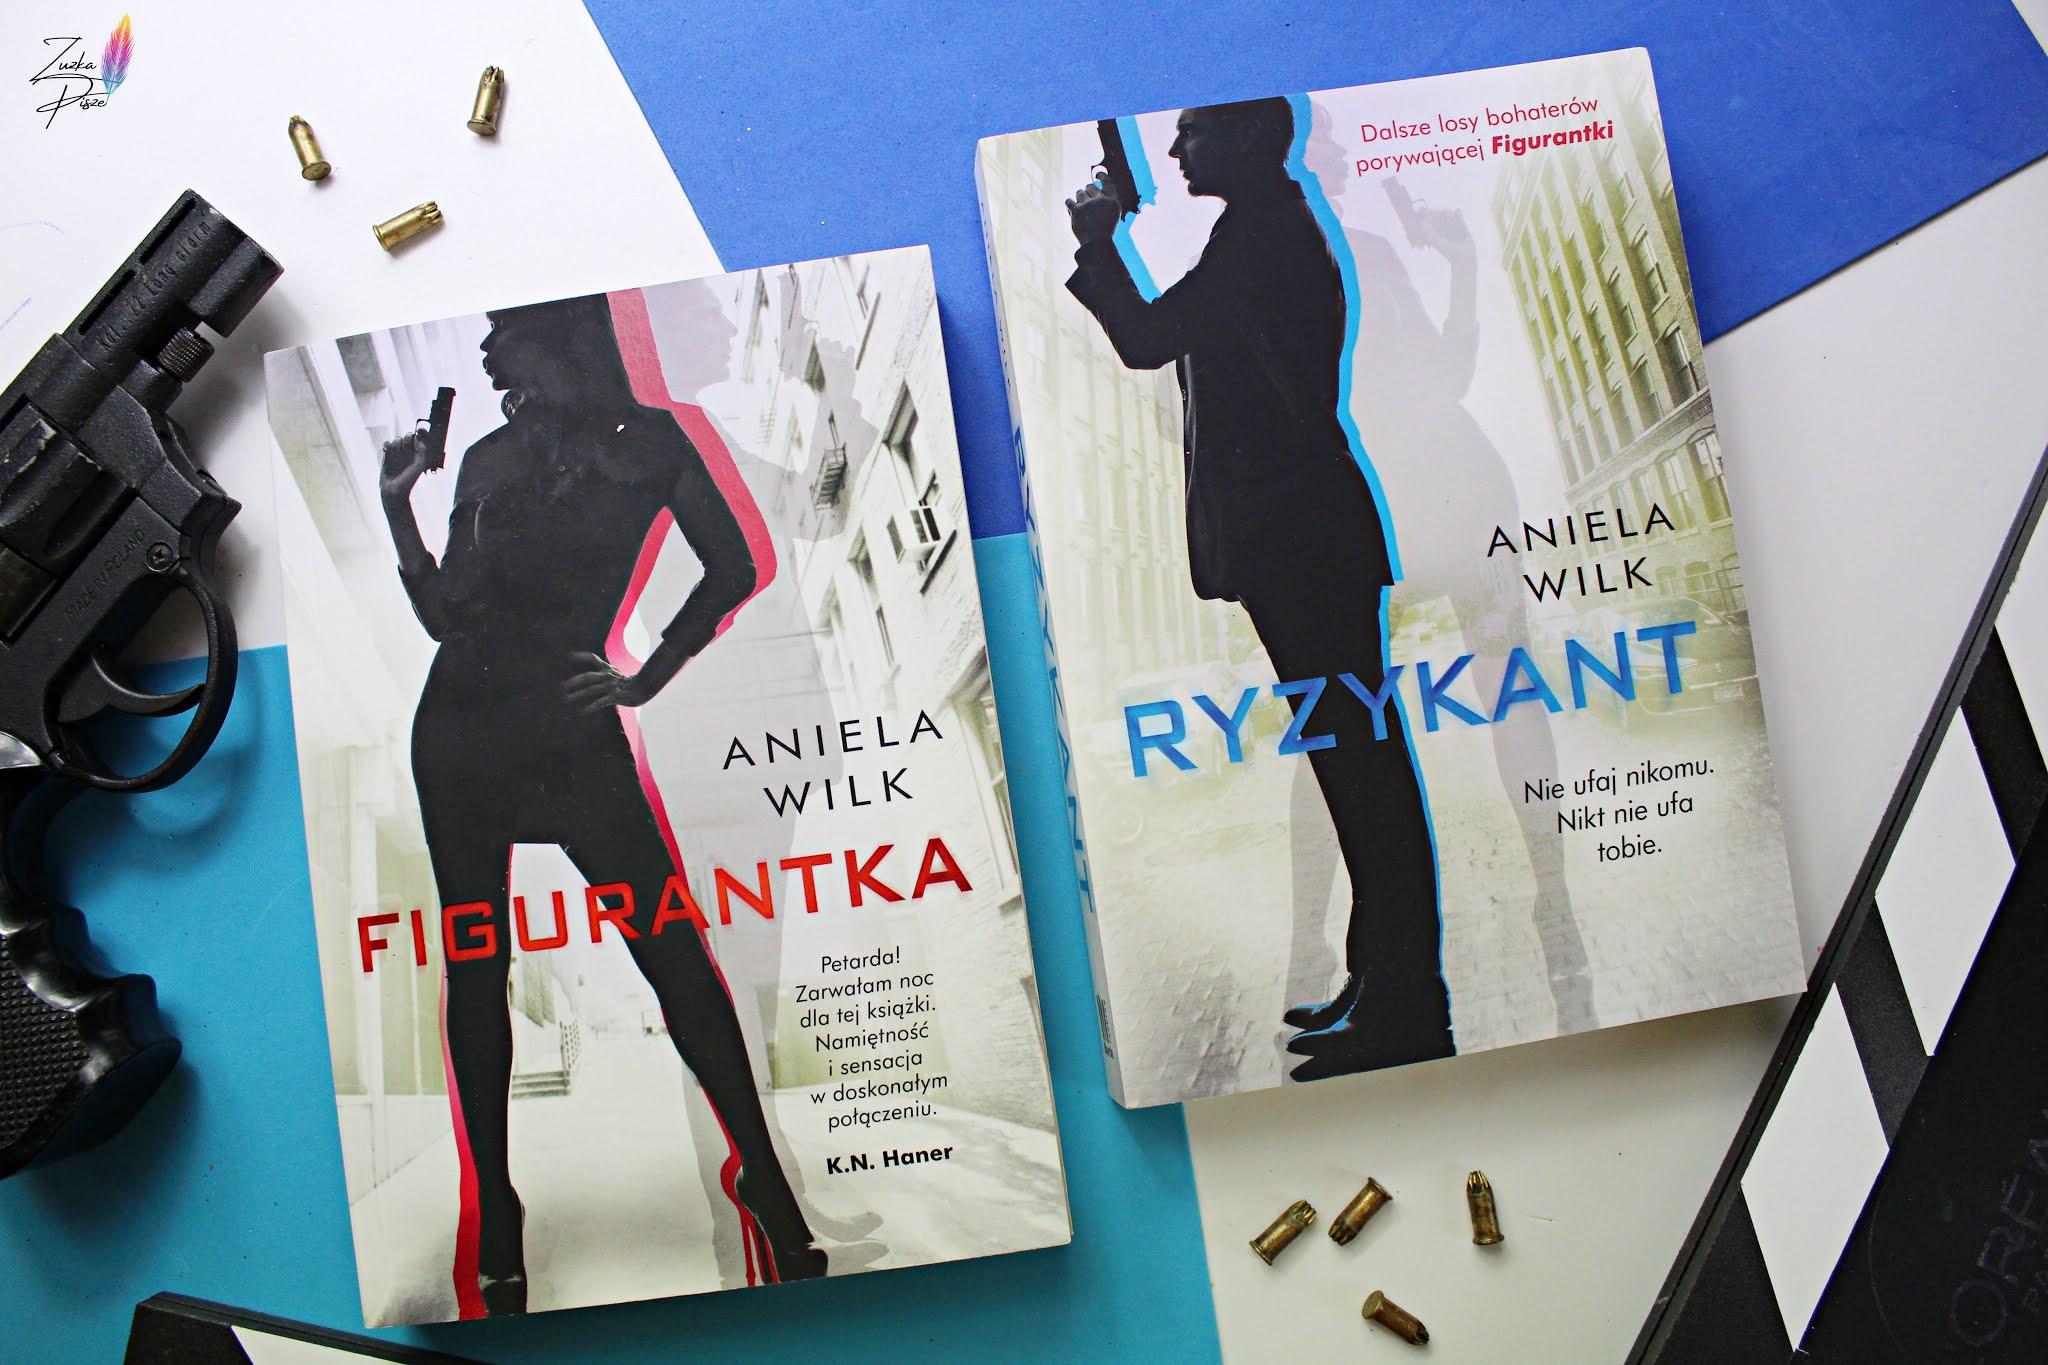 """Aniela Wilk """"Ryzykant"""" - recenzja książki"""